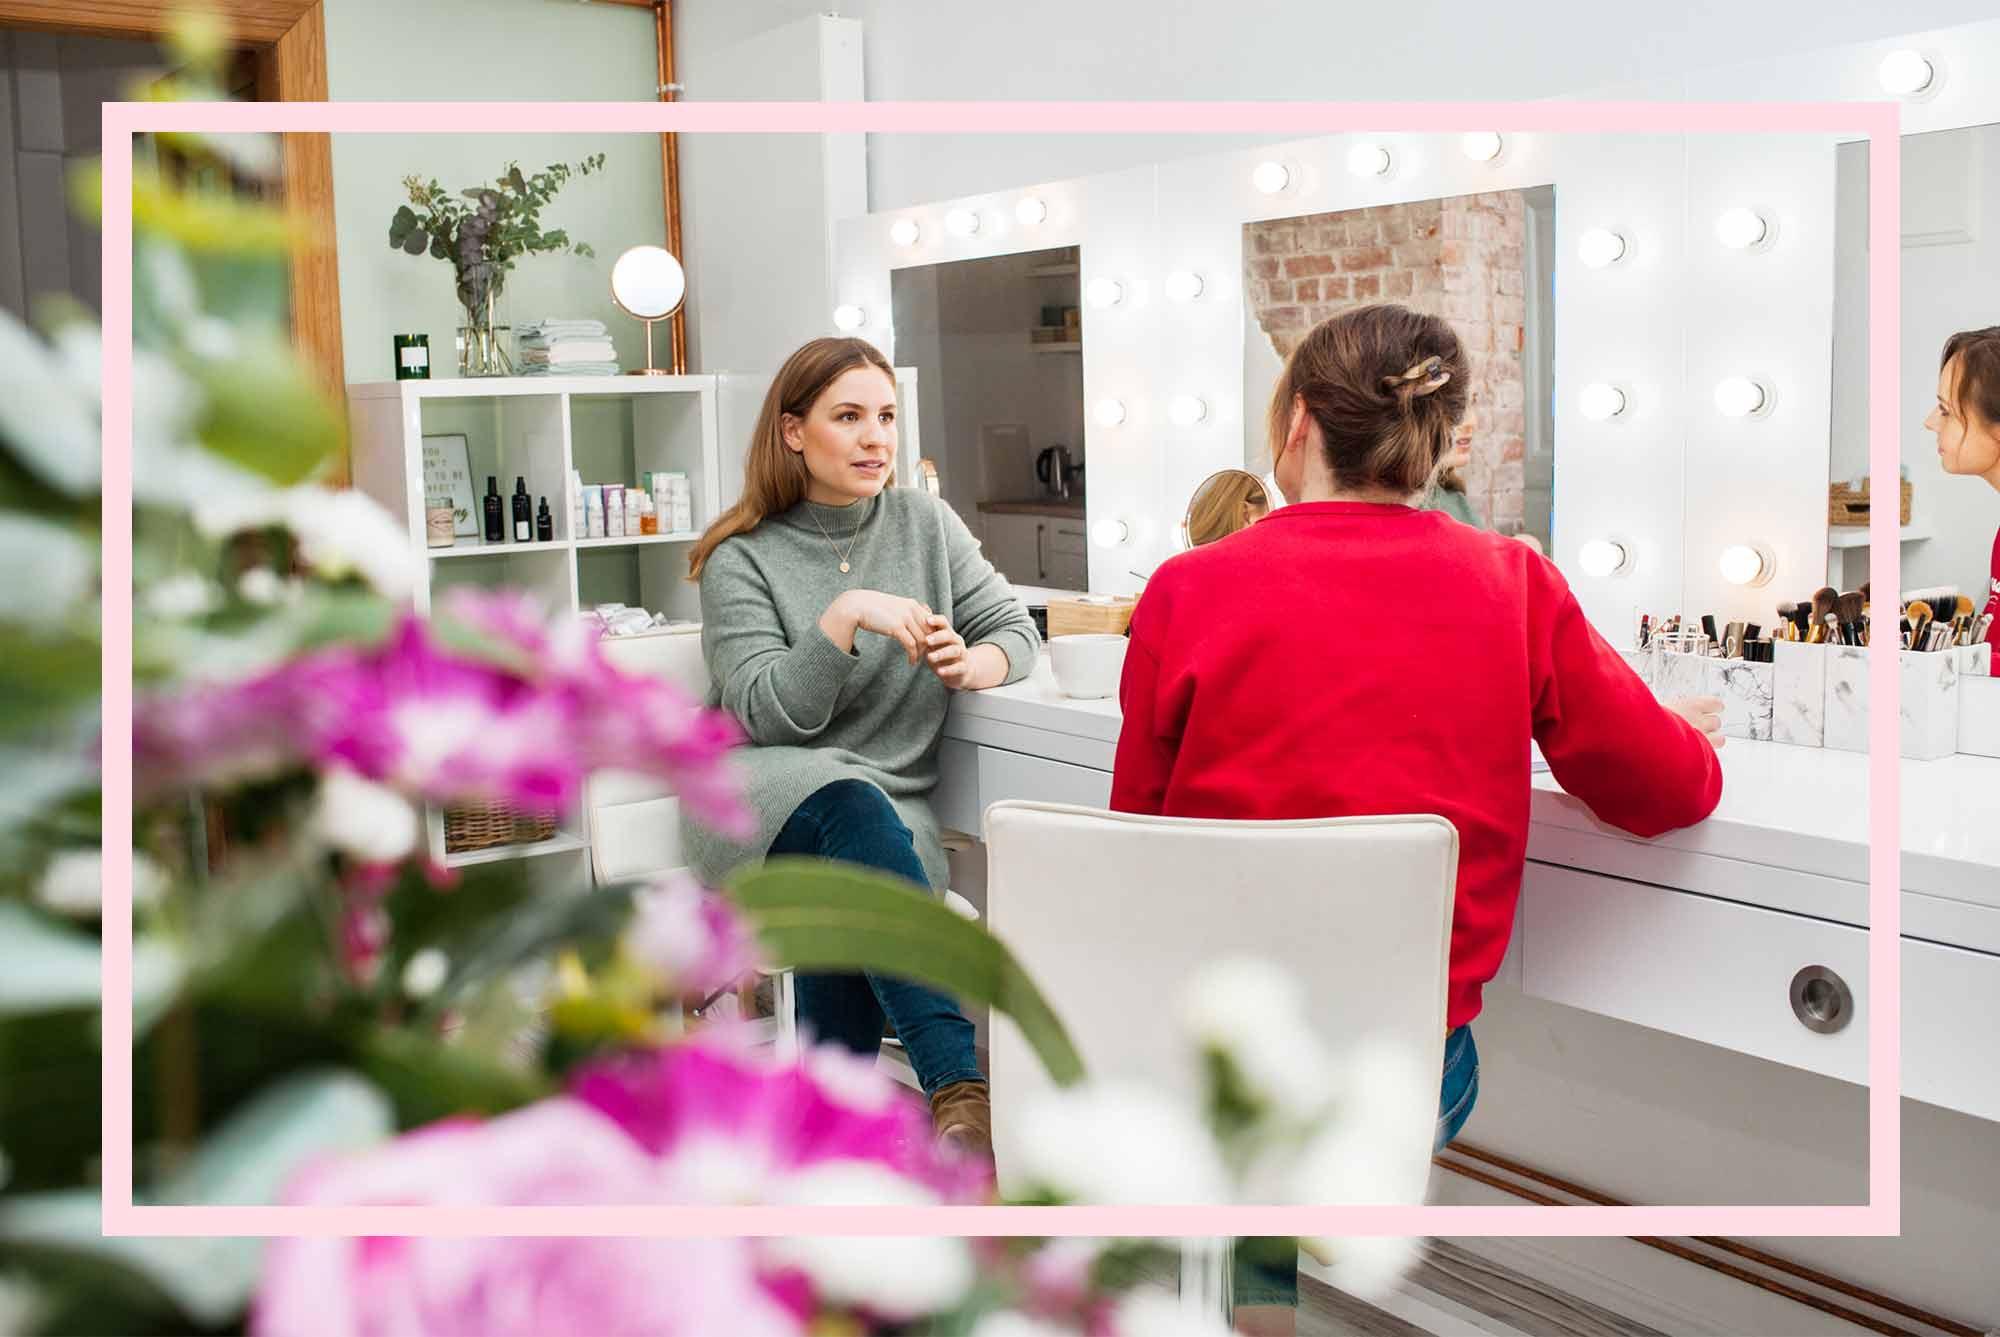 Wir haben Lisa Scharff in ihrem Organic Studio in Hamburg-Winterhude besucht. Dort verkauft sie Naturkosmetik und gibt Coachings.